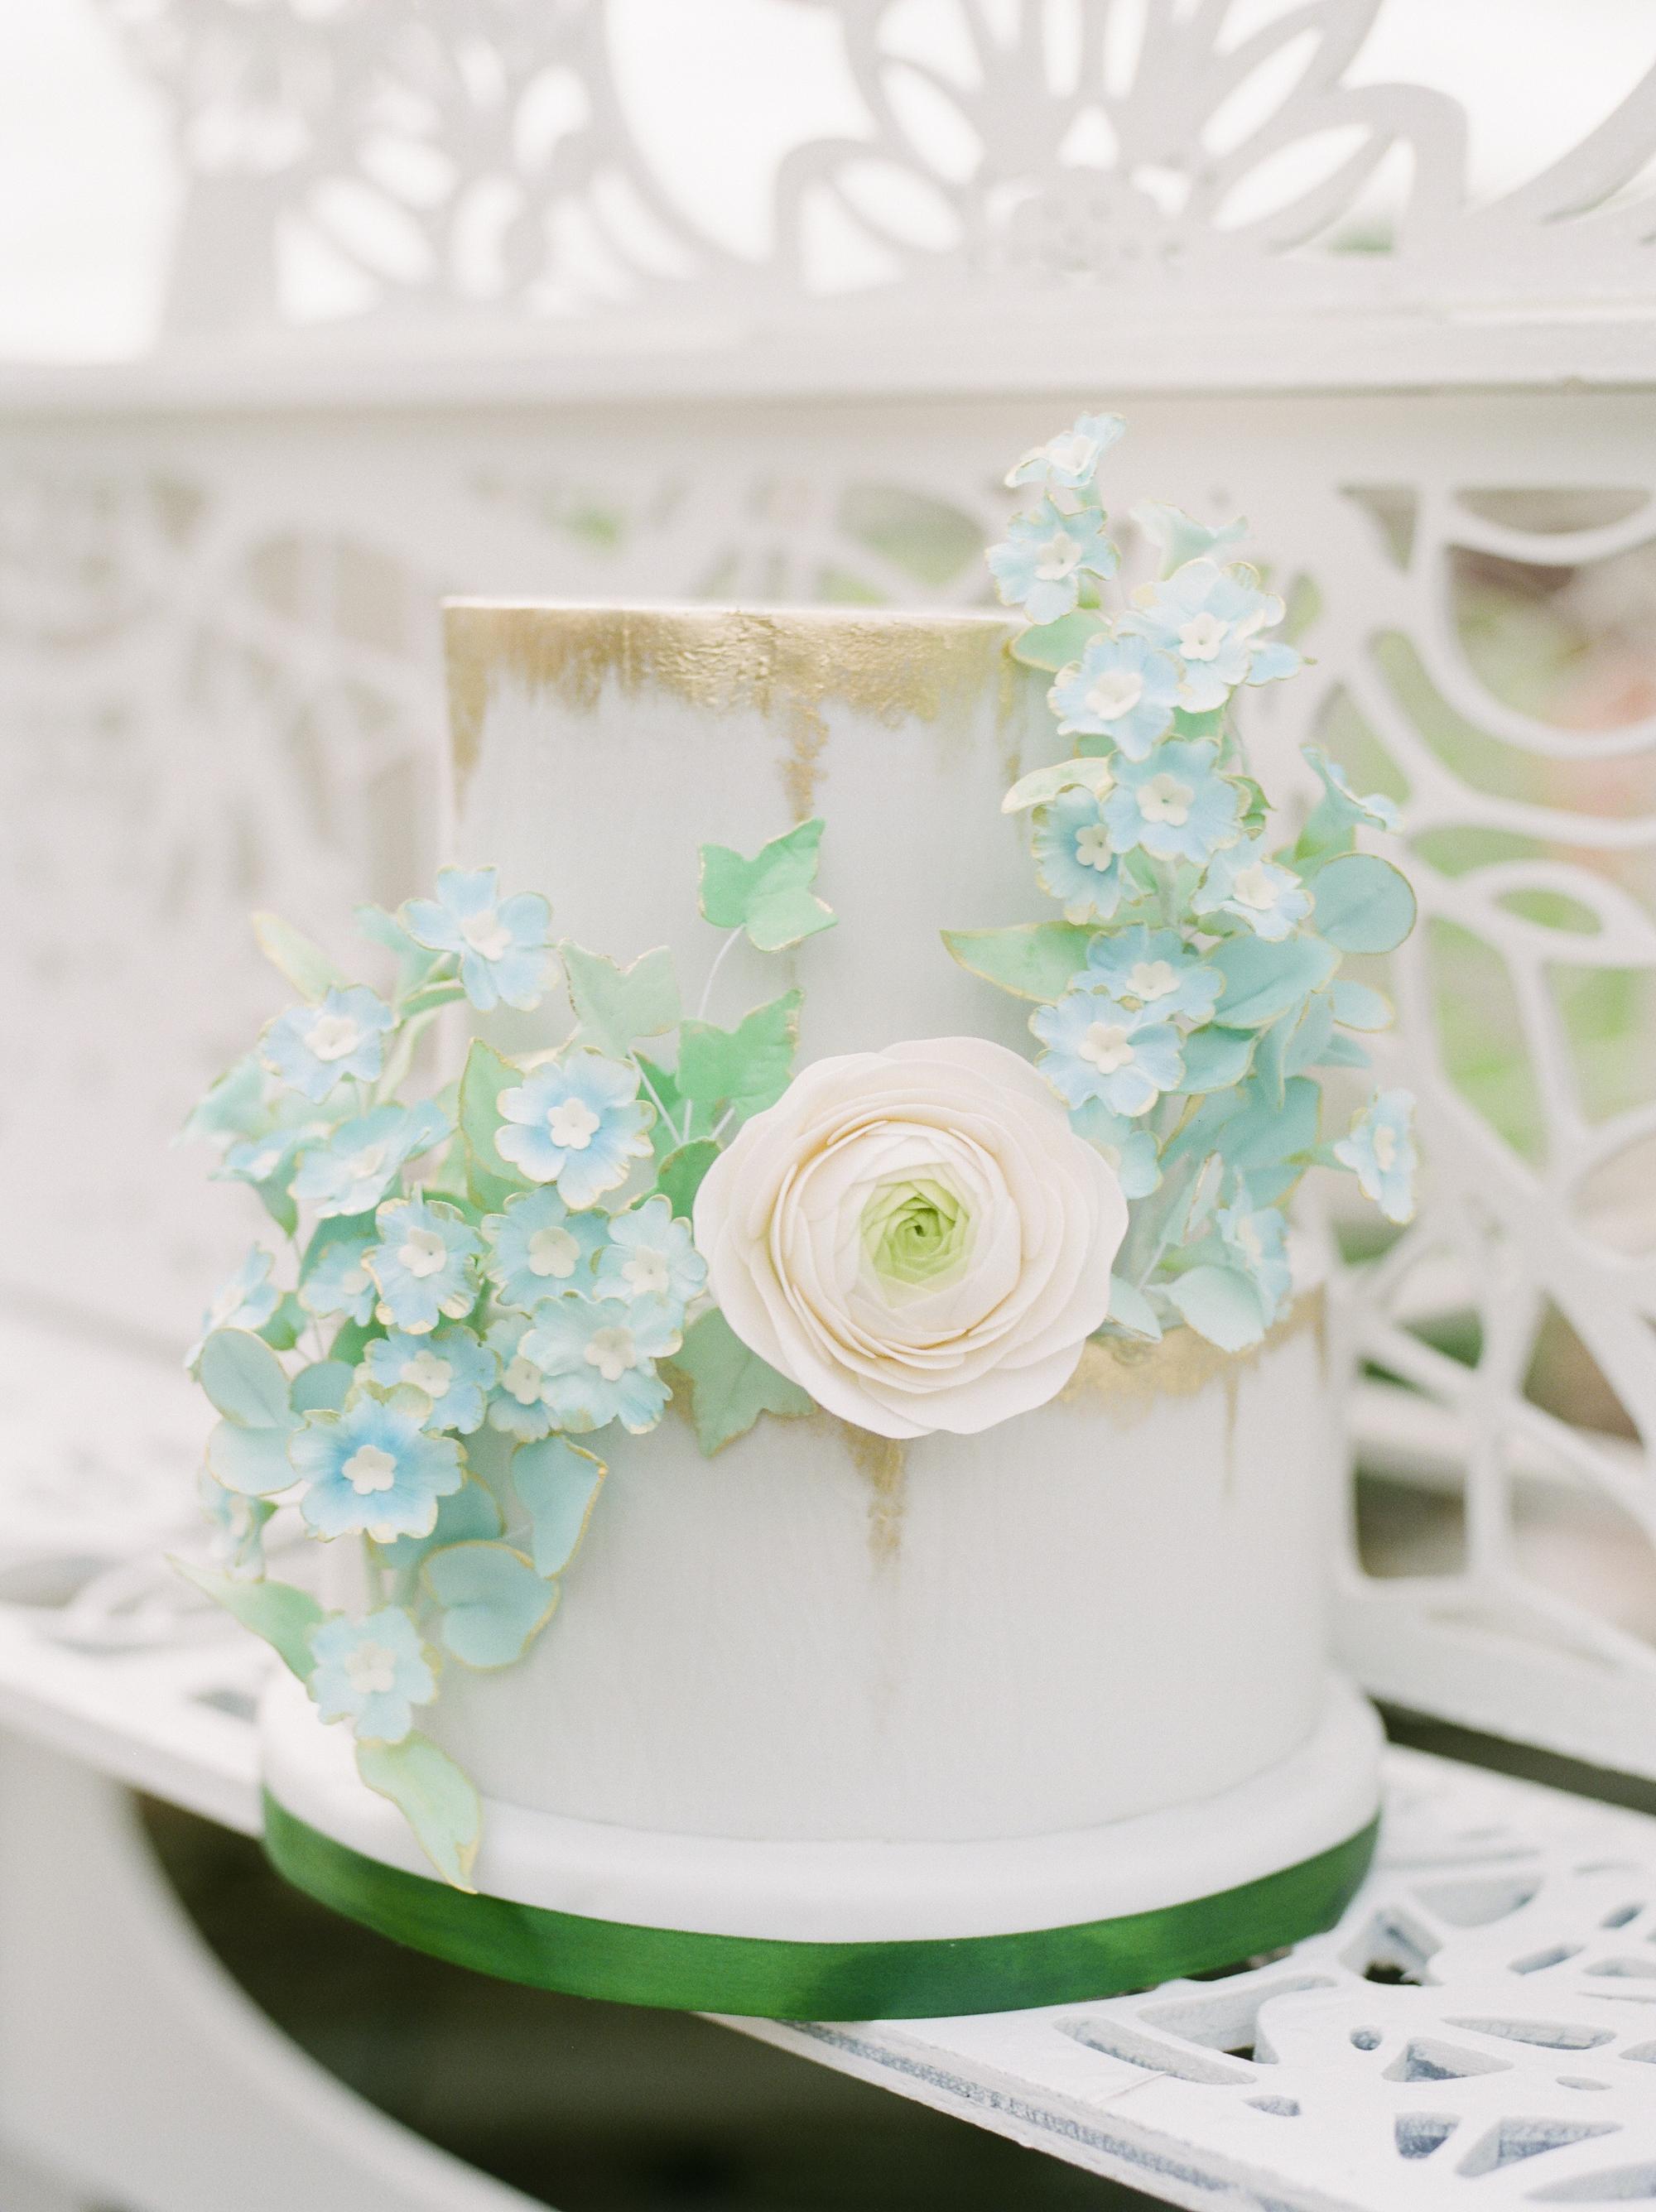 nj_alpaca-farm_wedding_inspiration-22.jpg